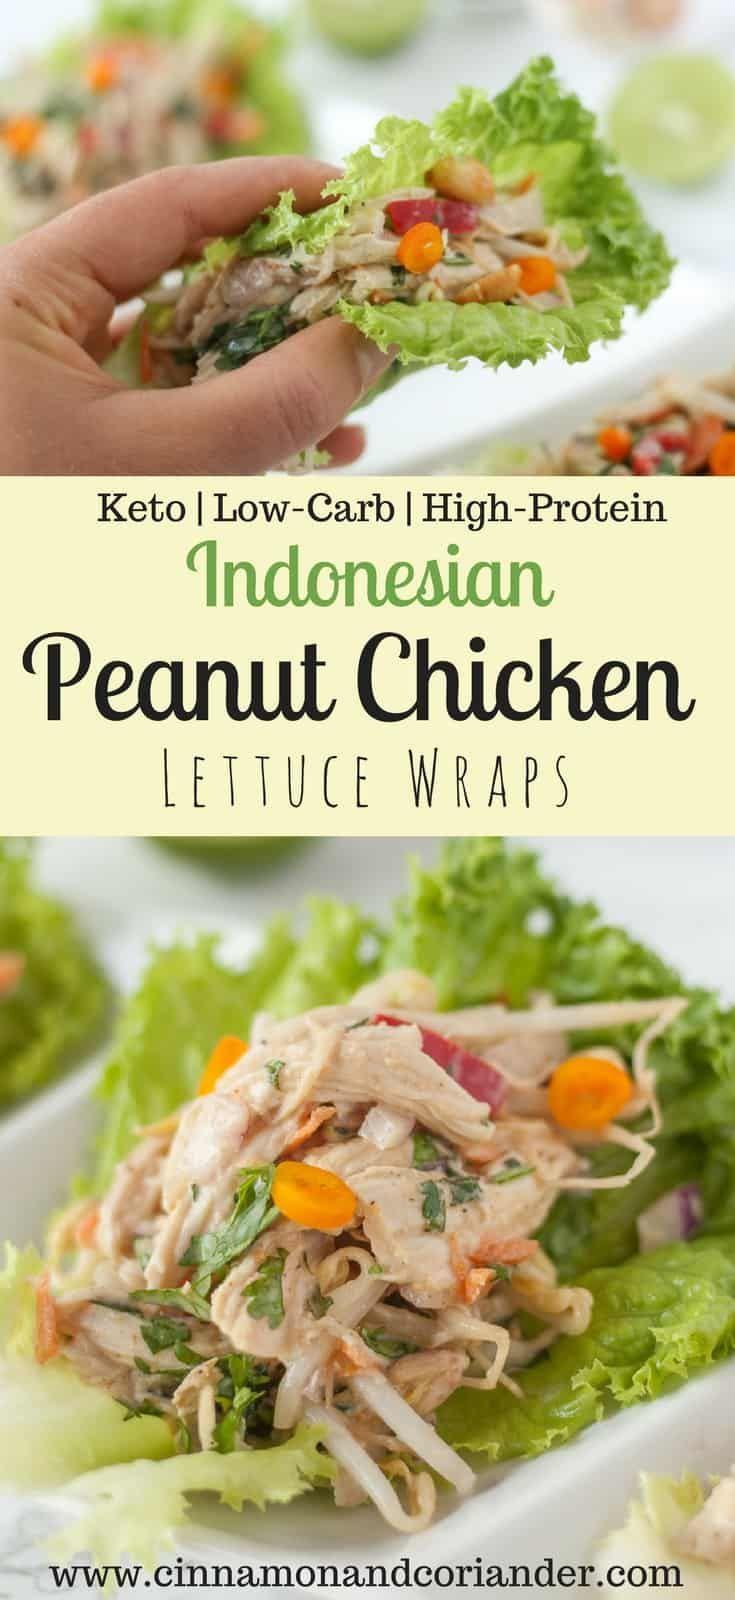 Peanut Chicken Lettuce Wraps Recipe | Keto and Paleo Indonesian Peanut Chicken Lettuce Wraps | Keto & Low-Carb RecipeIndonesian Peanut Chicken Lettuce Wraps | Keto & Low-Carb Recipe